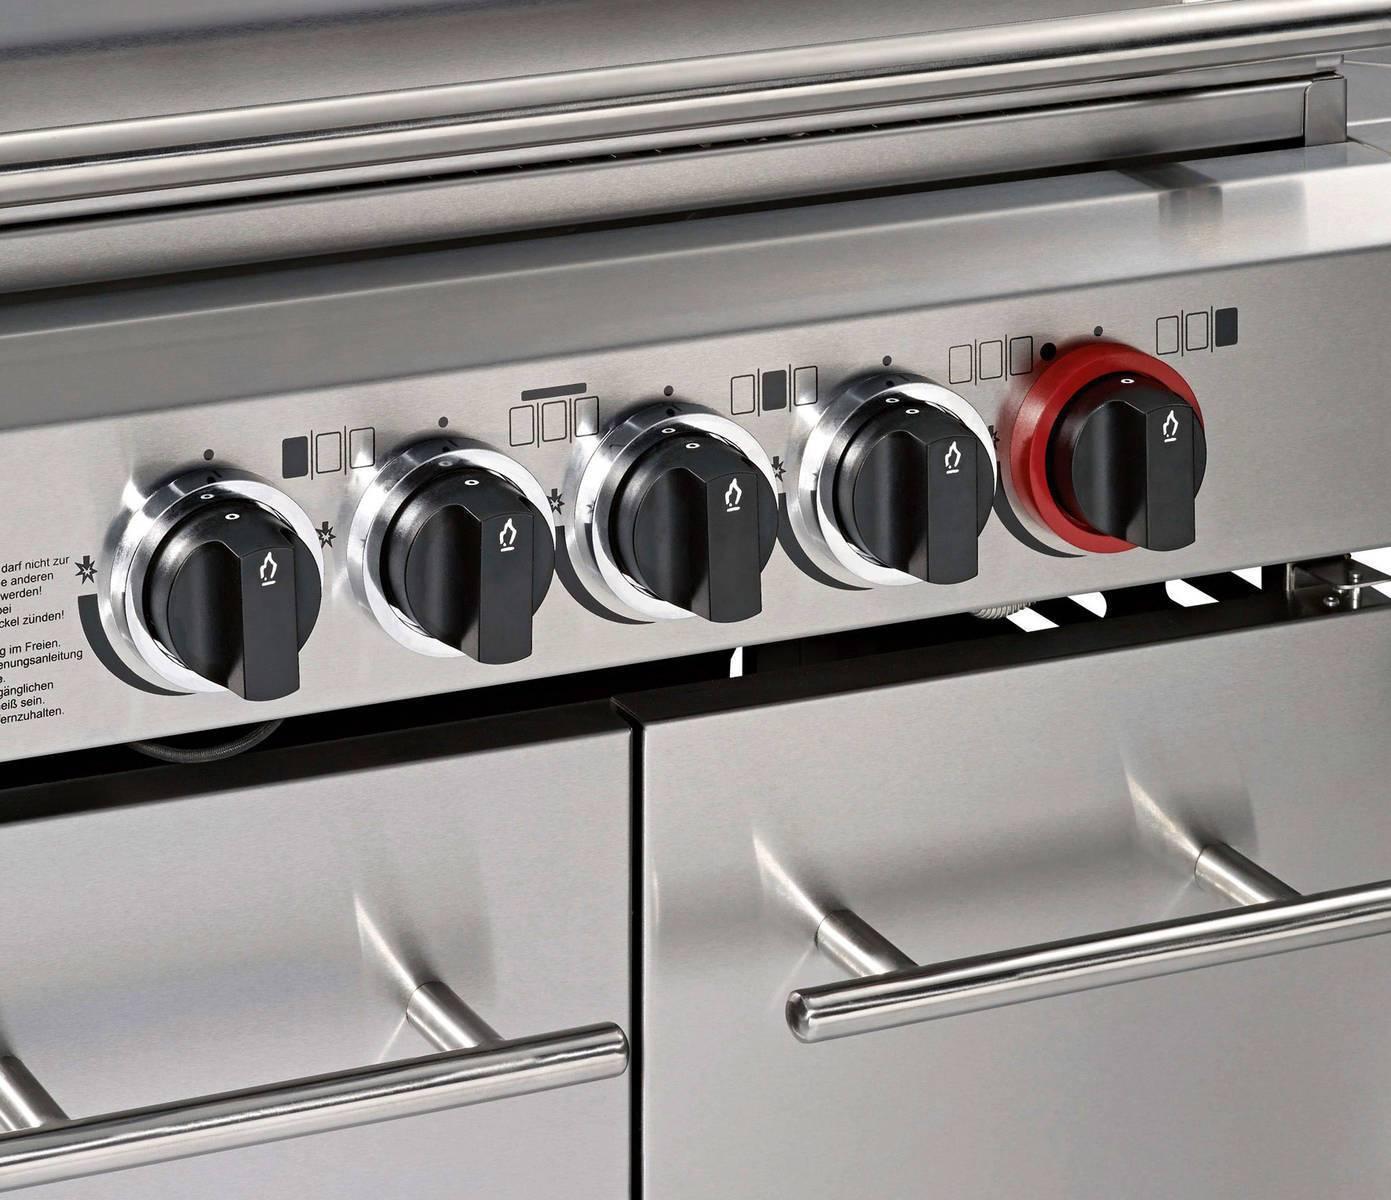 enders kansas 3 pro sik turbo gasgrill 3 brenner seitenkocher heckbrenner ebay. Black Bedroom Furniture Sets. Home Design Ideas